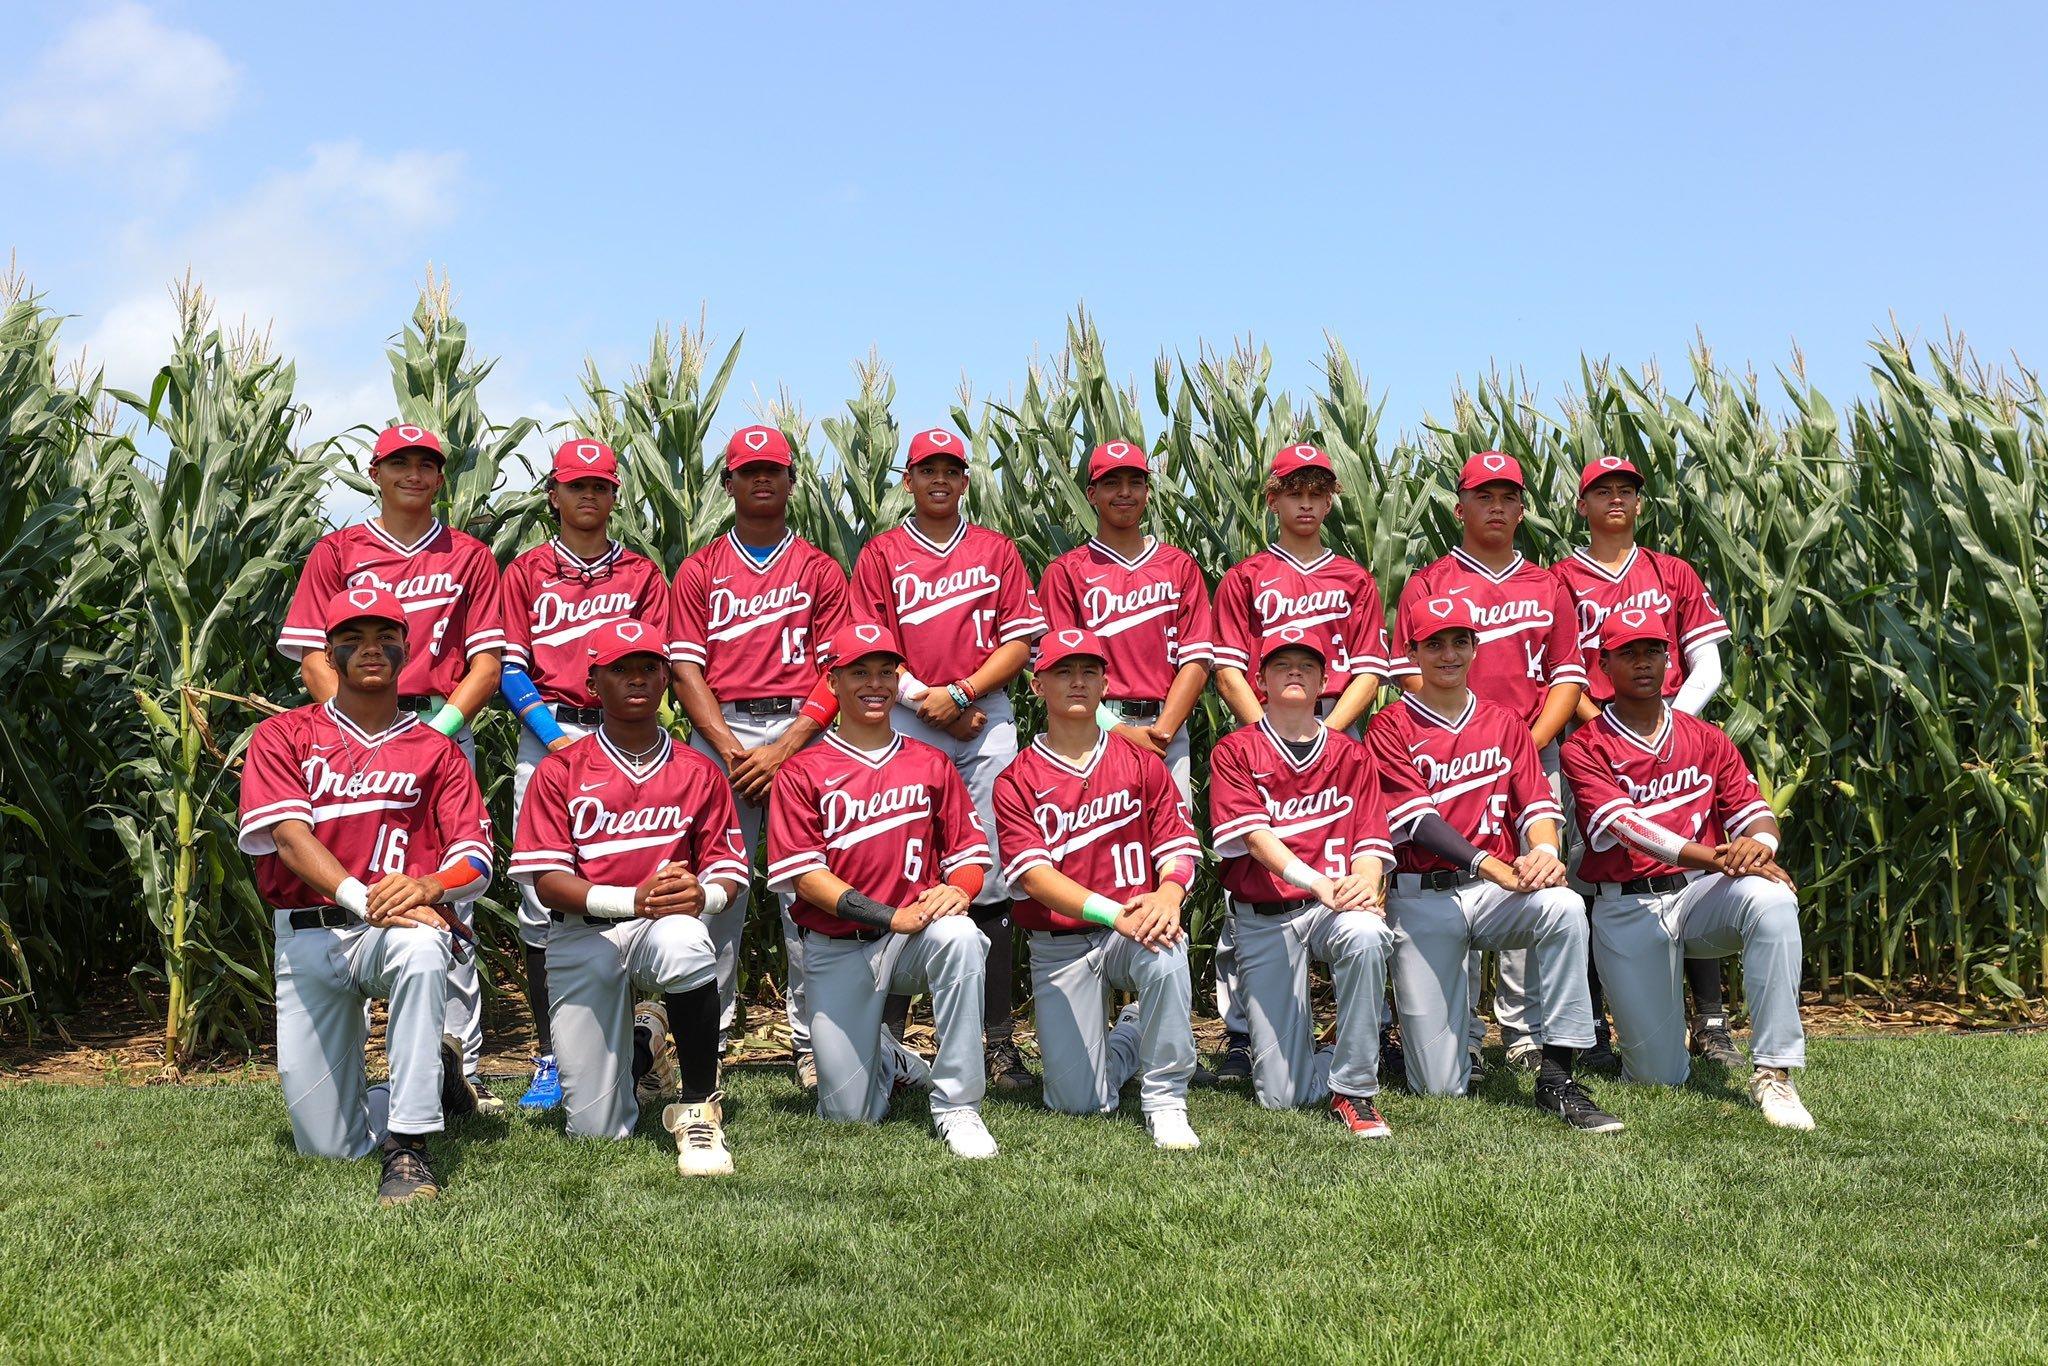 DREAM U14 Team picture. Credit: MLB Photos